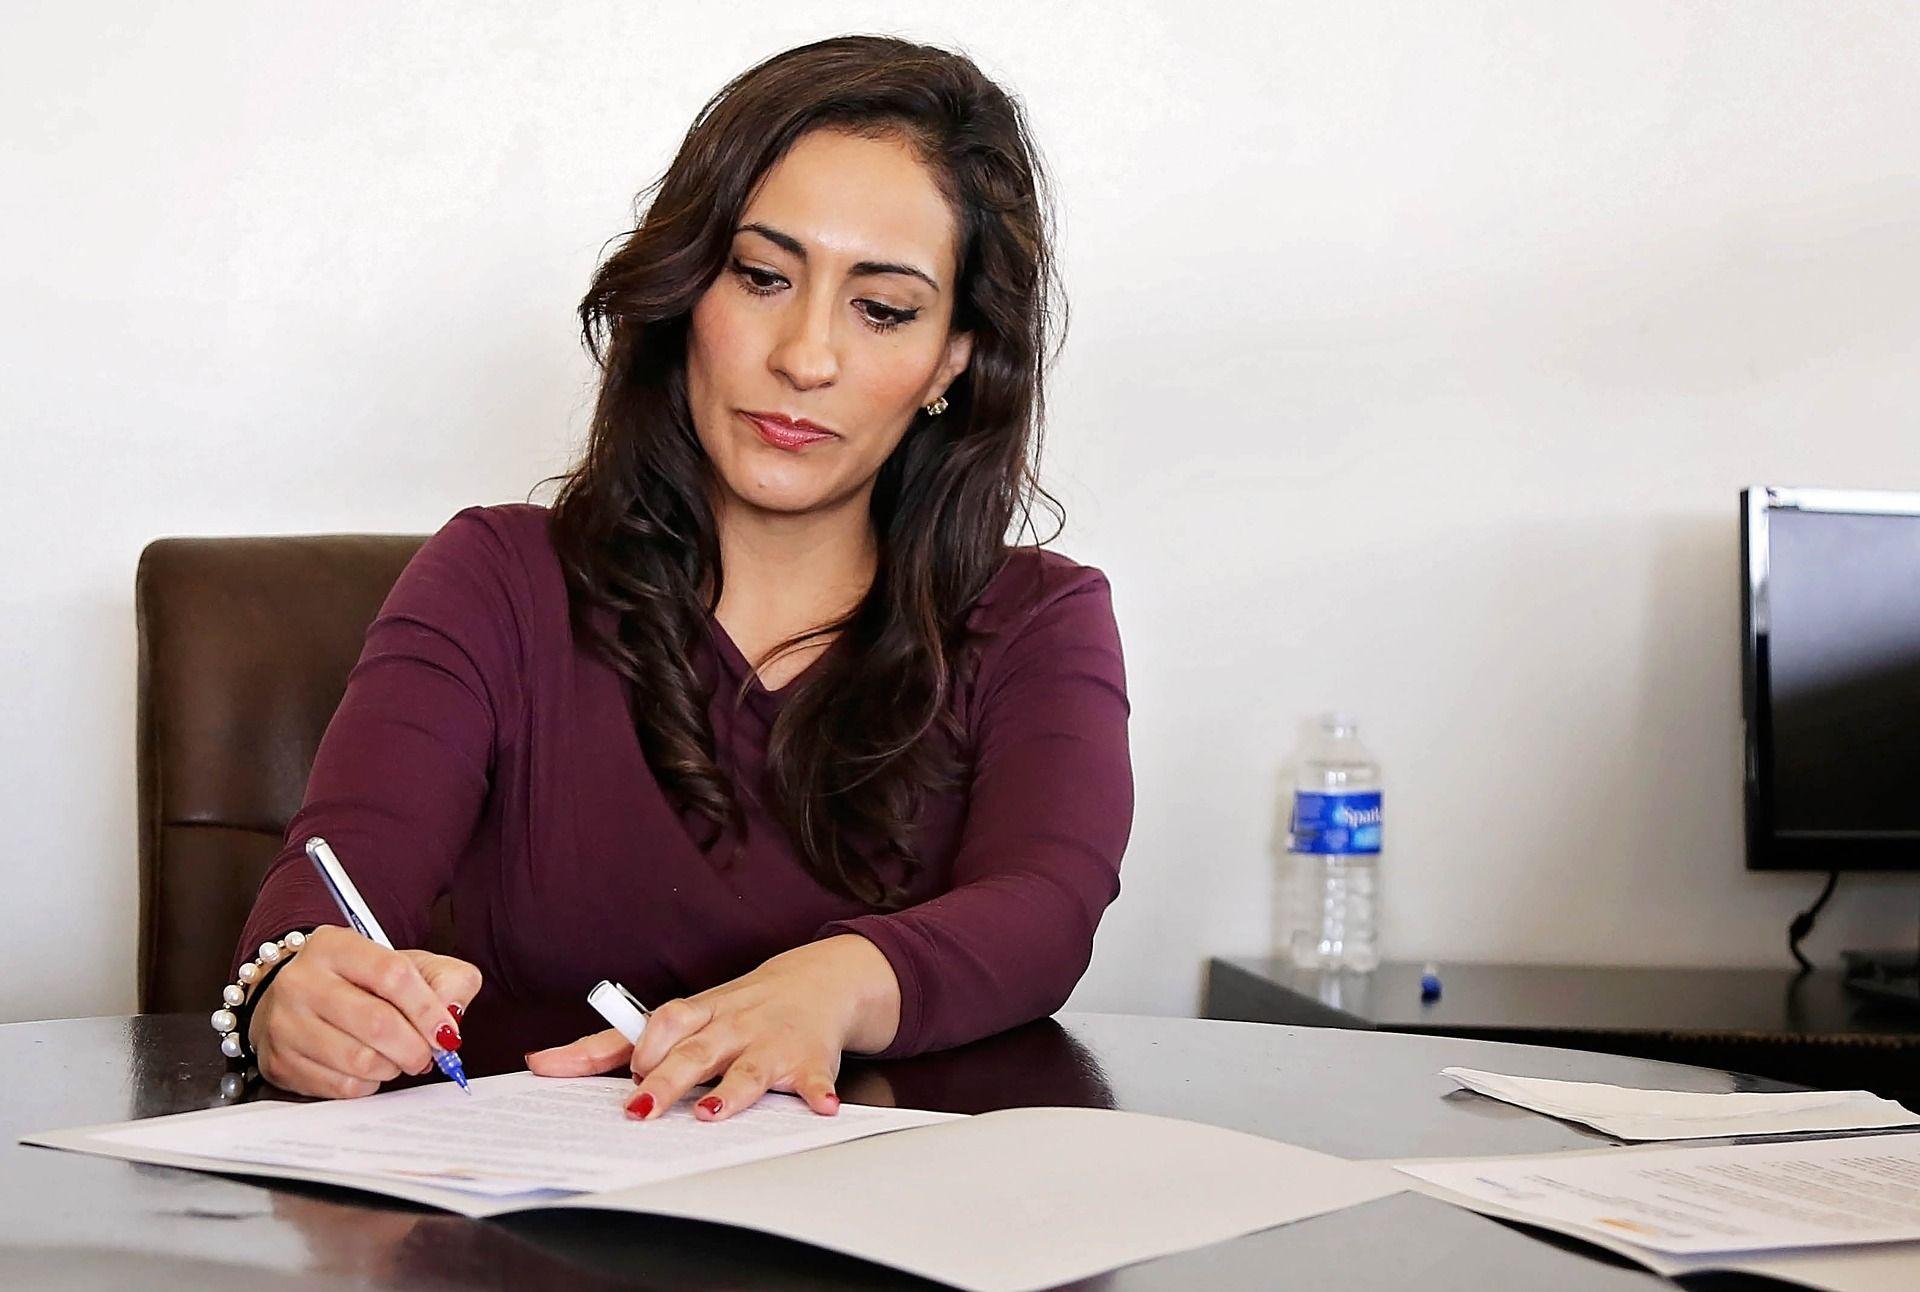 Instituições internacionais ofertam bolsas de estudo exclusivas para mulheres